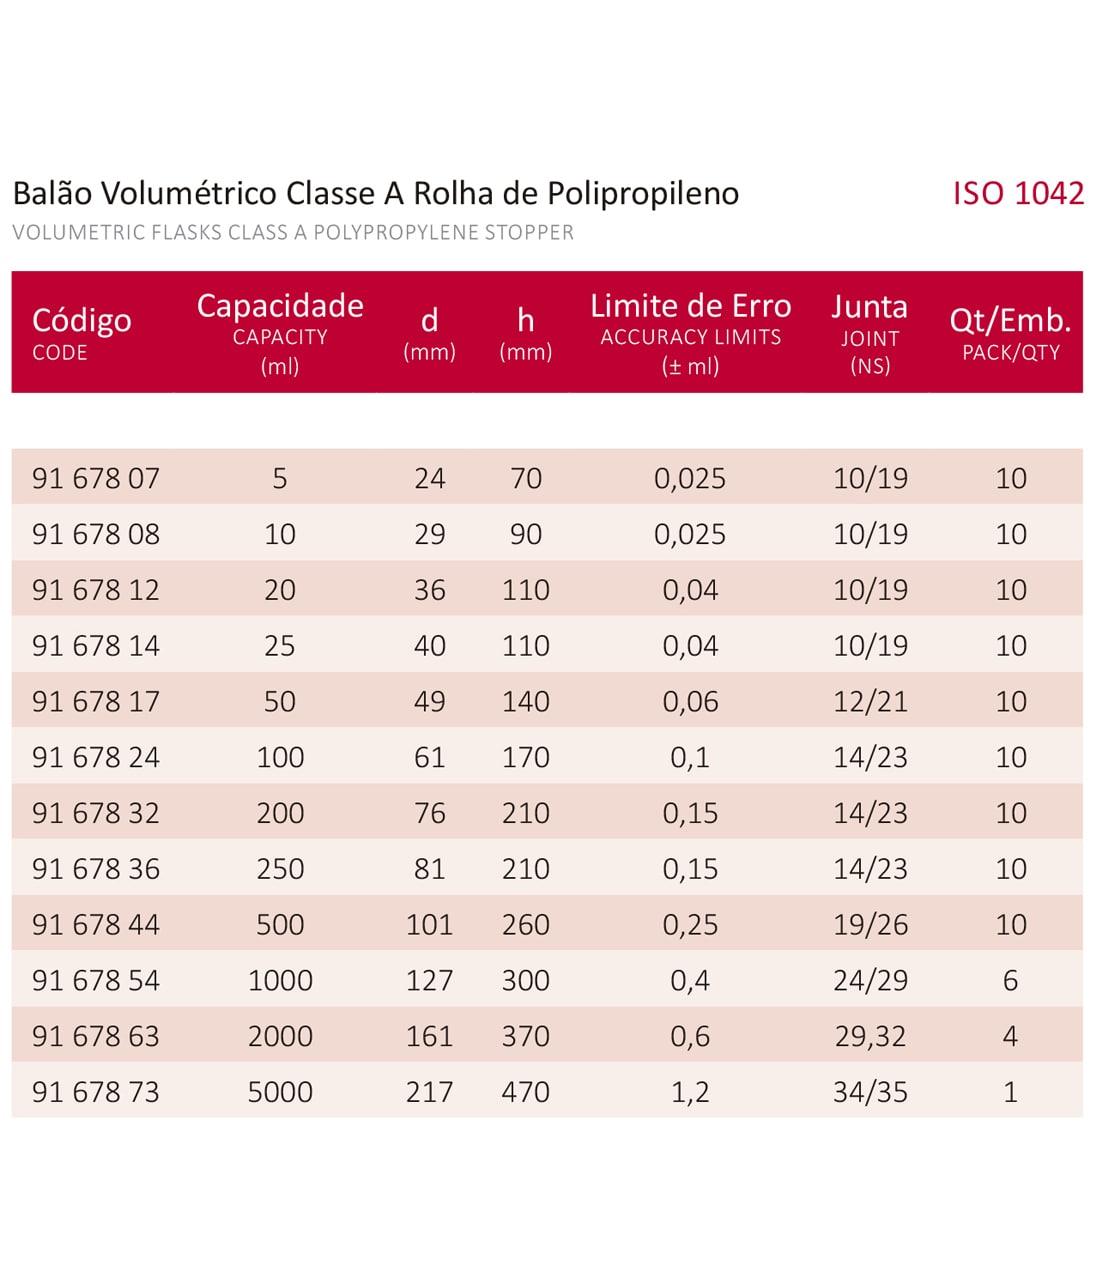 BALÃO VOLUMÉTRICO CLASSE A ROLHA POLI C/ CERTIFICADO RASTREÁVEL 1000 ML - Marca Laborglas - Cód. 9167854-C